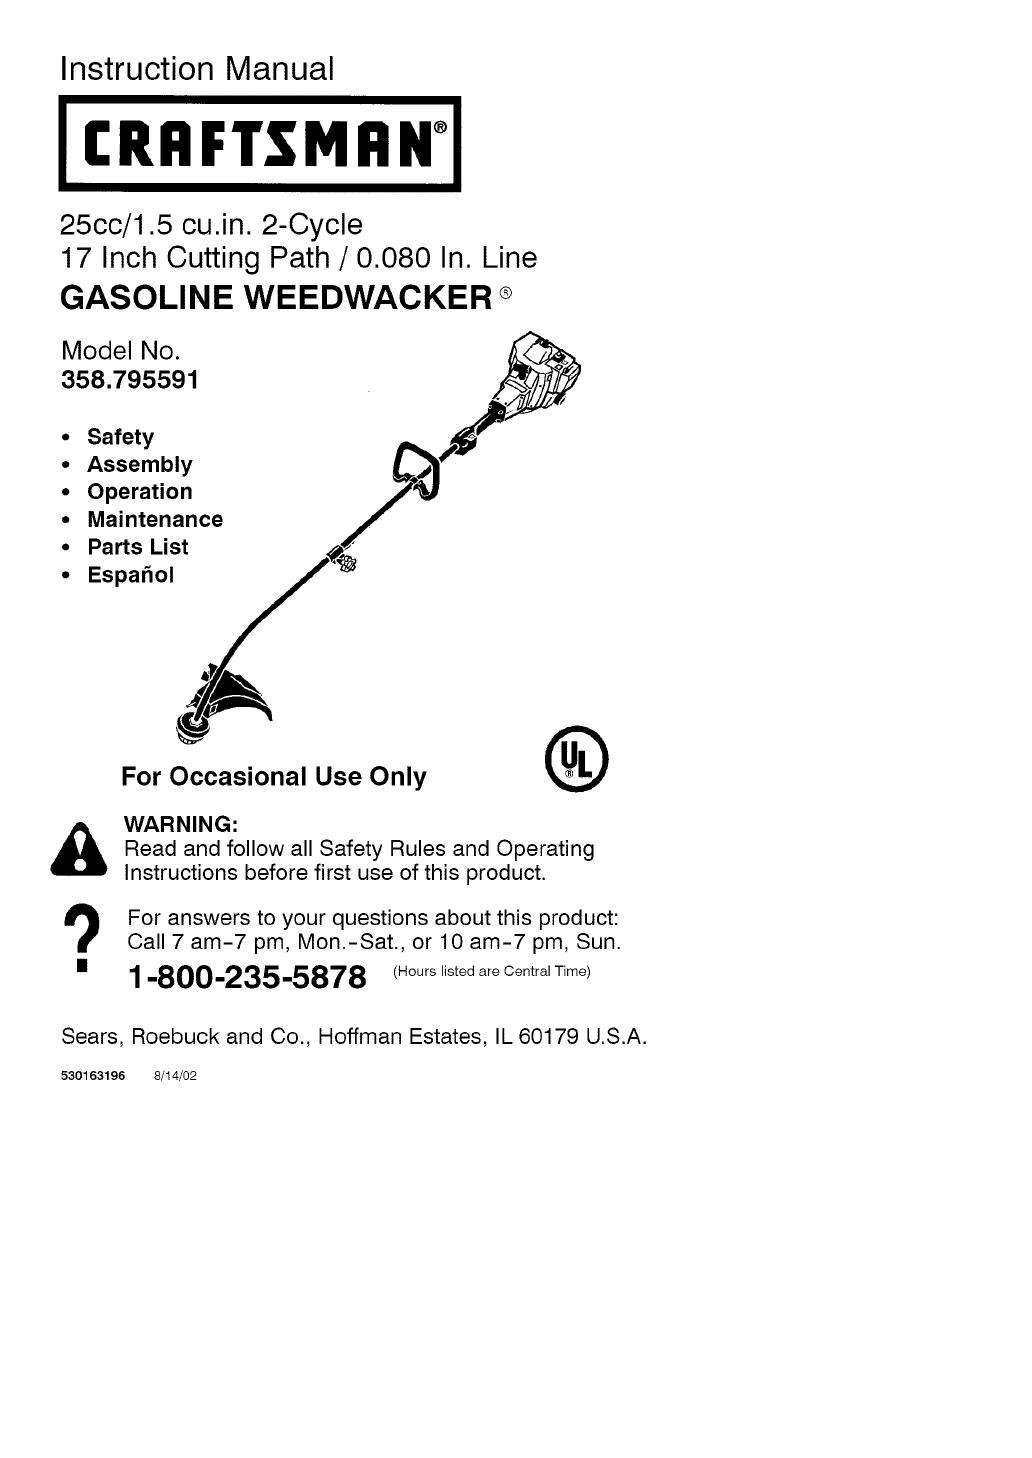 Craftsman 358795591 User Manual TRIMMER/WEEDWACKER Manuals